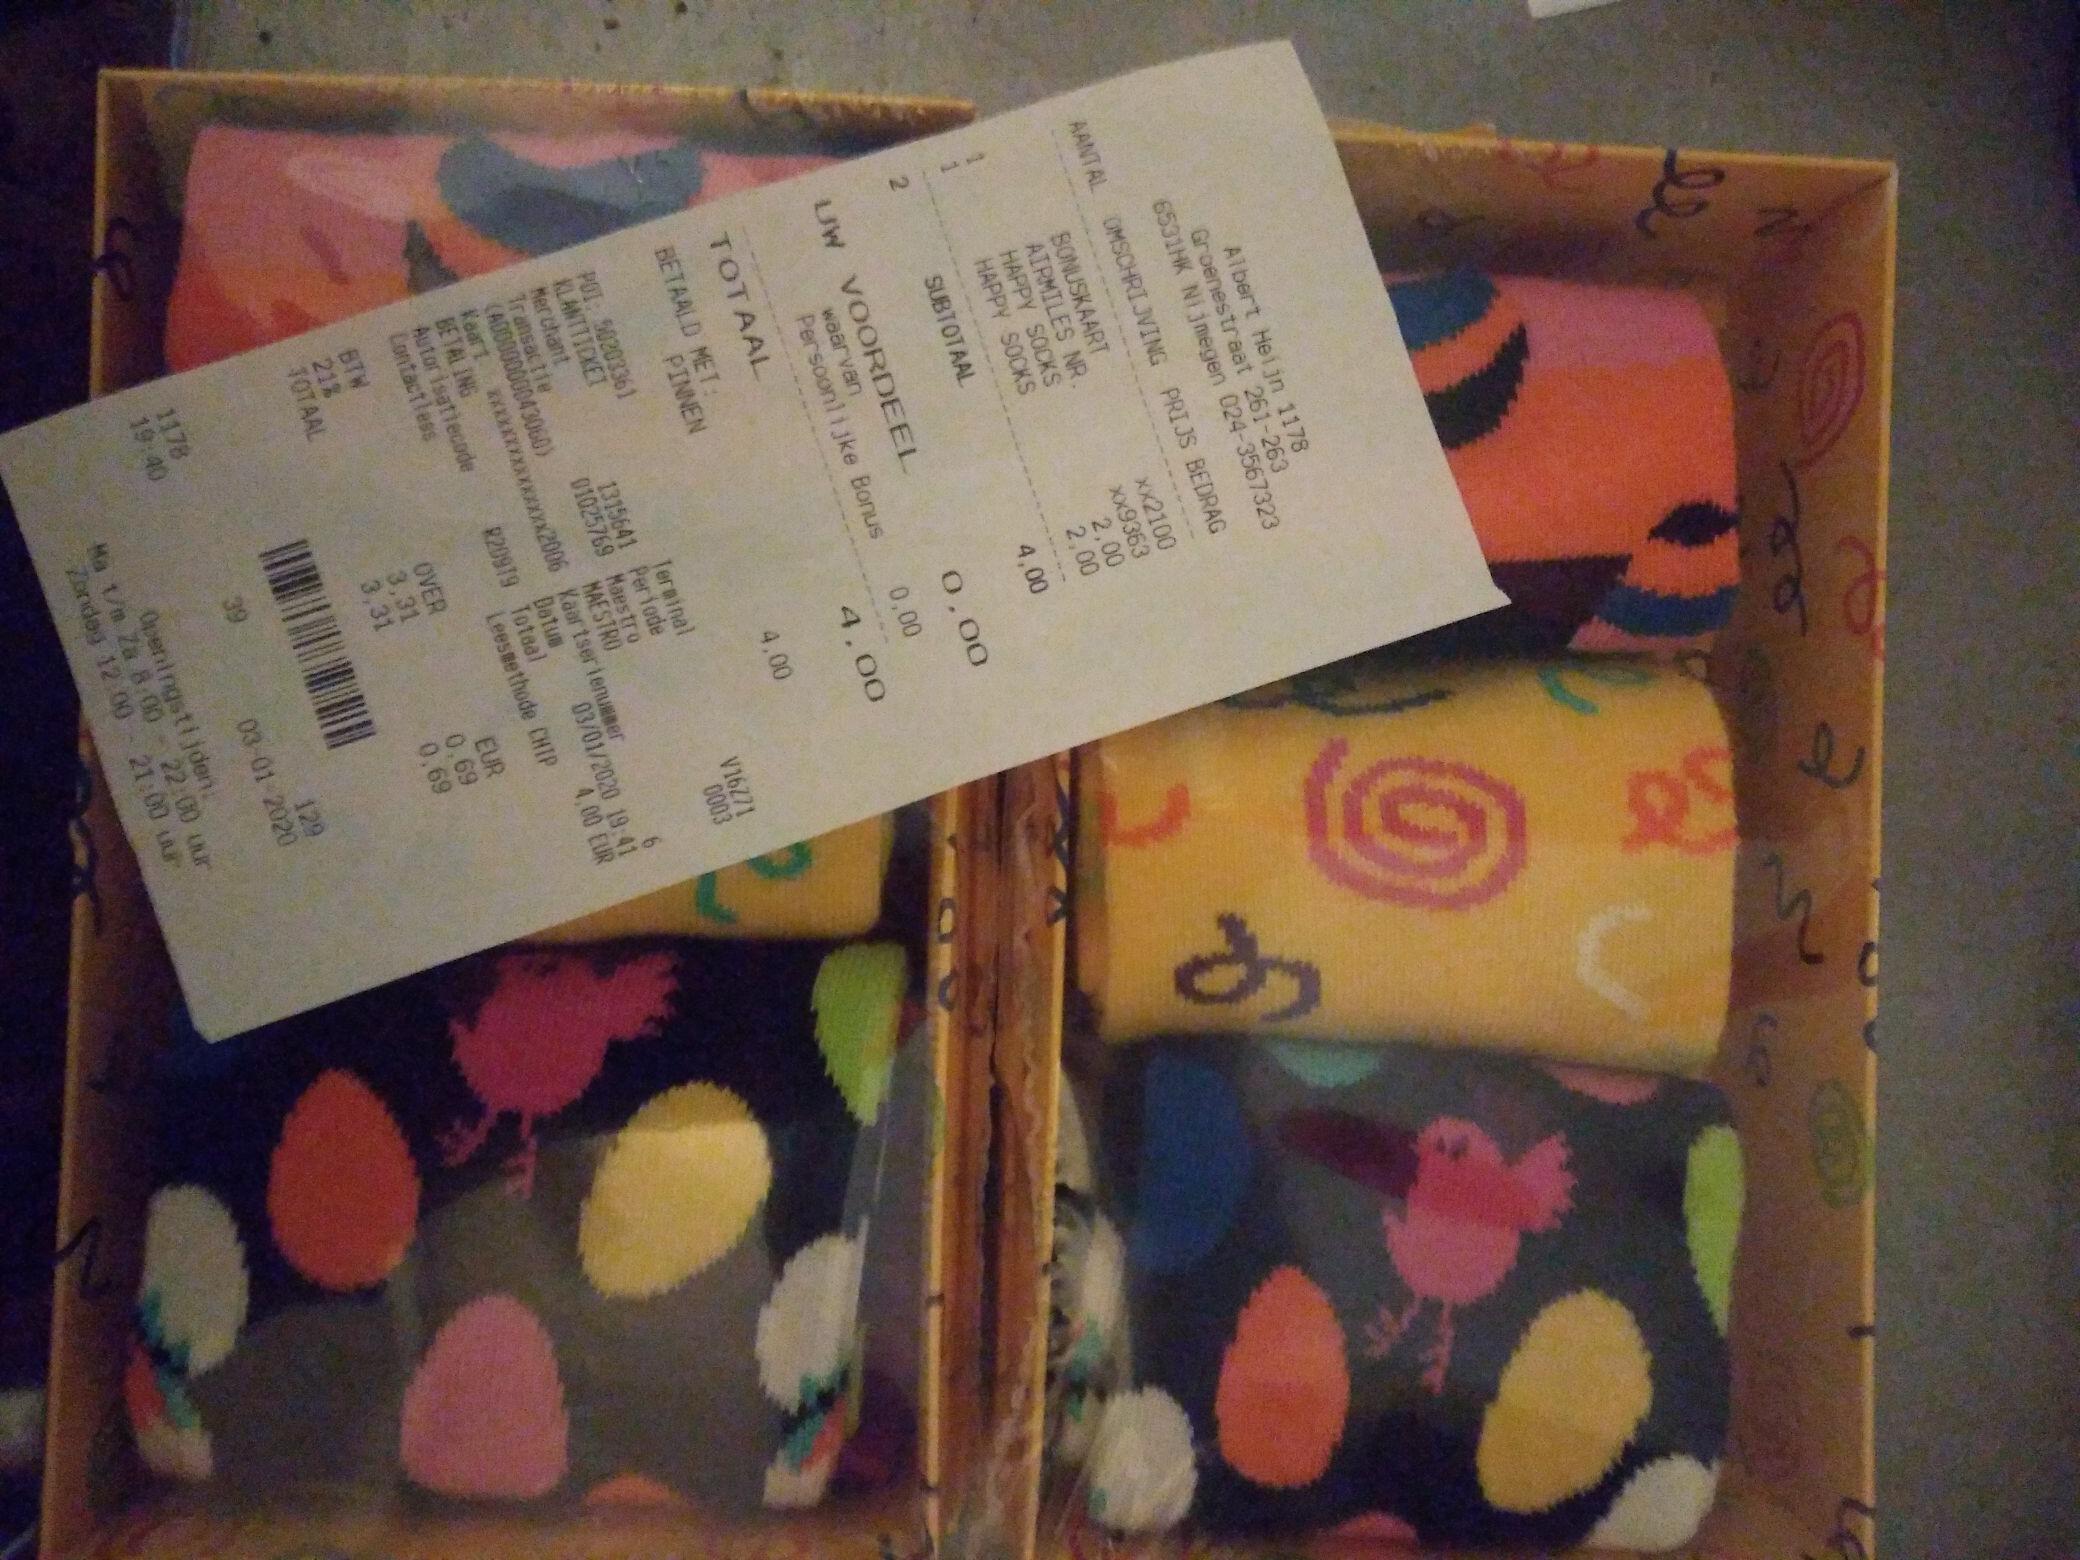 [LOKAAL] Happy socks - 3 paar giftpack 2 euro - AH Nijmegen